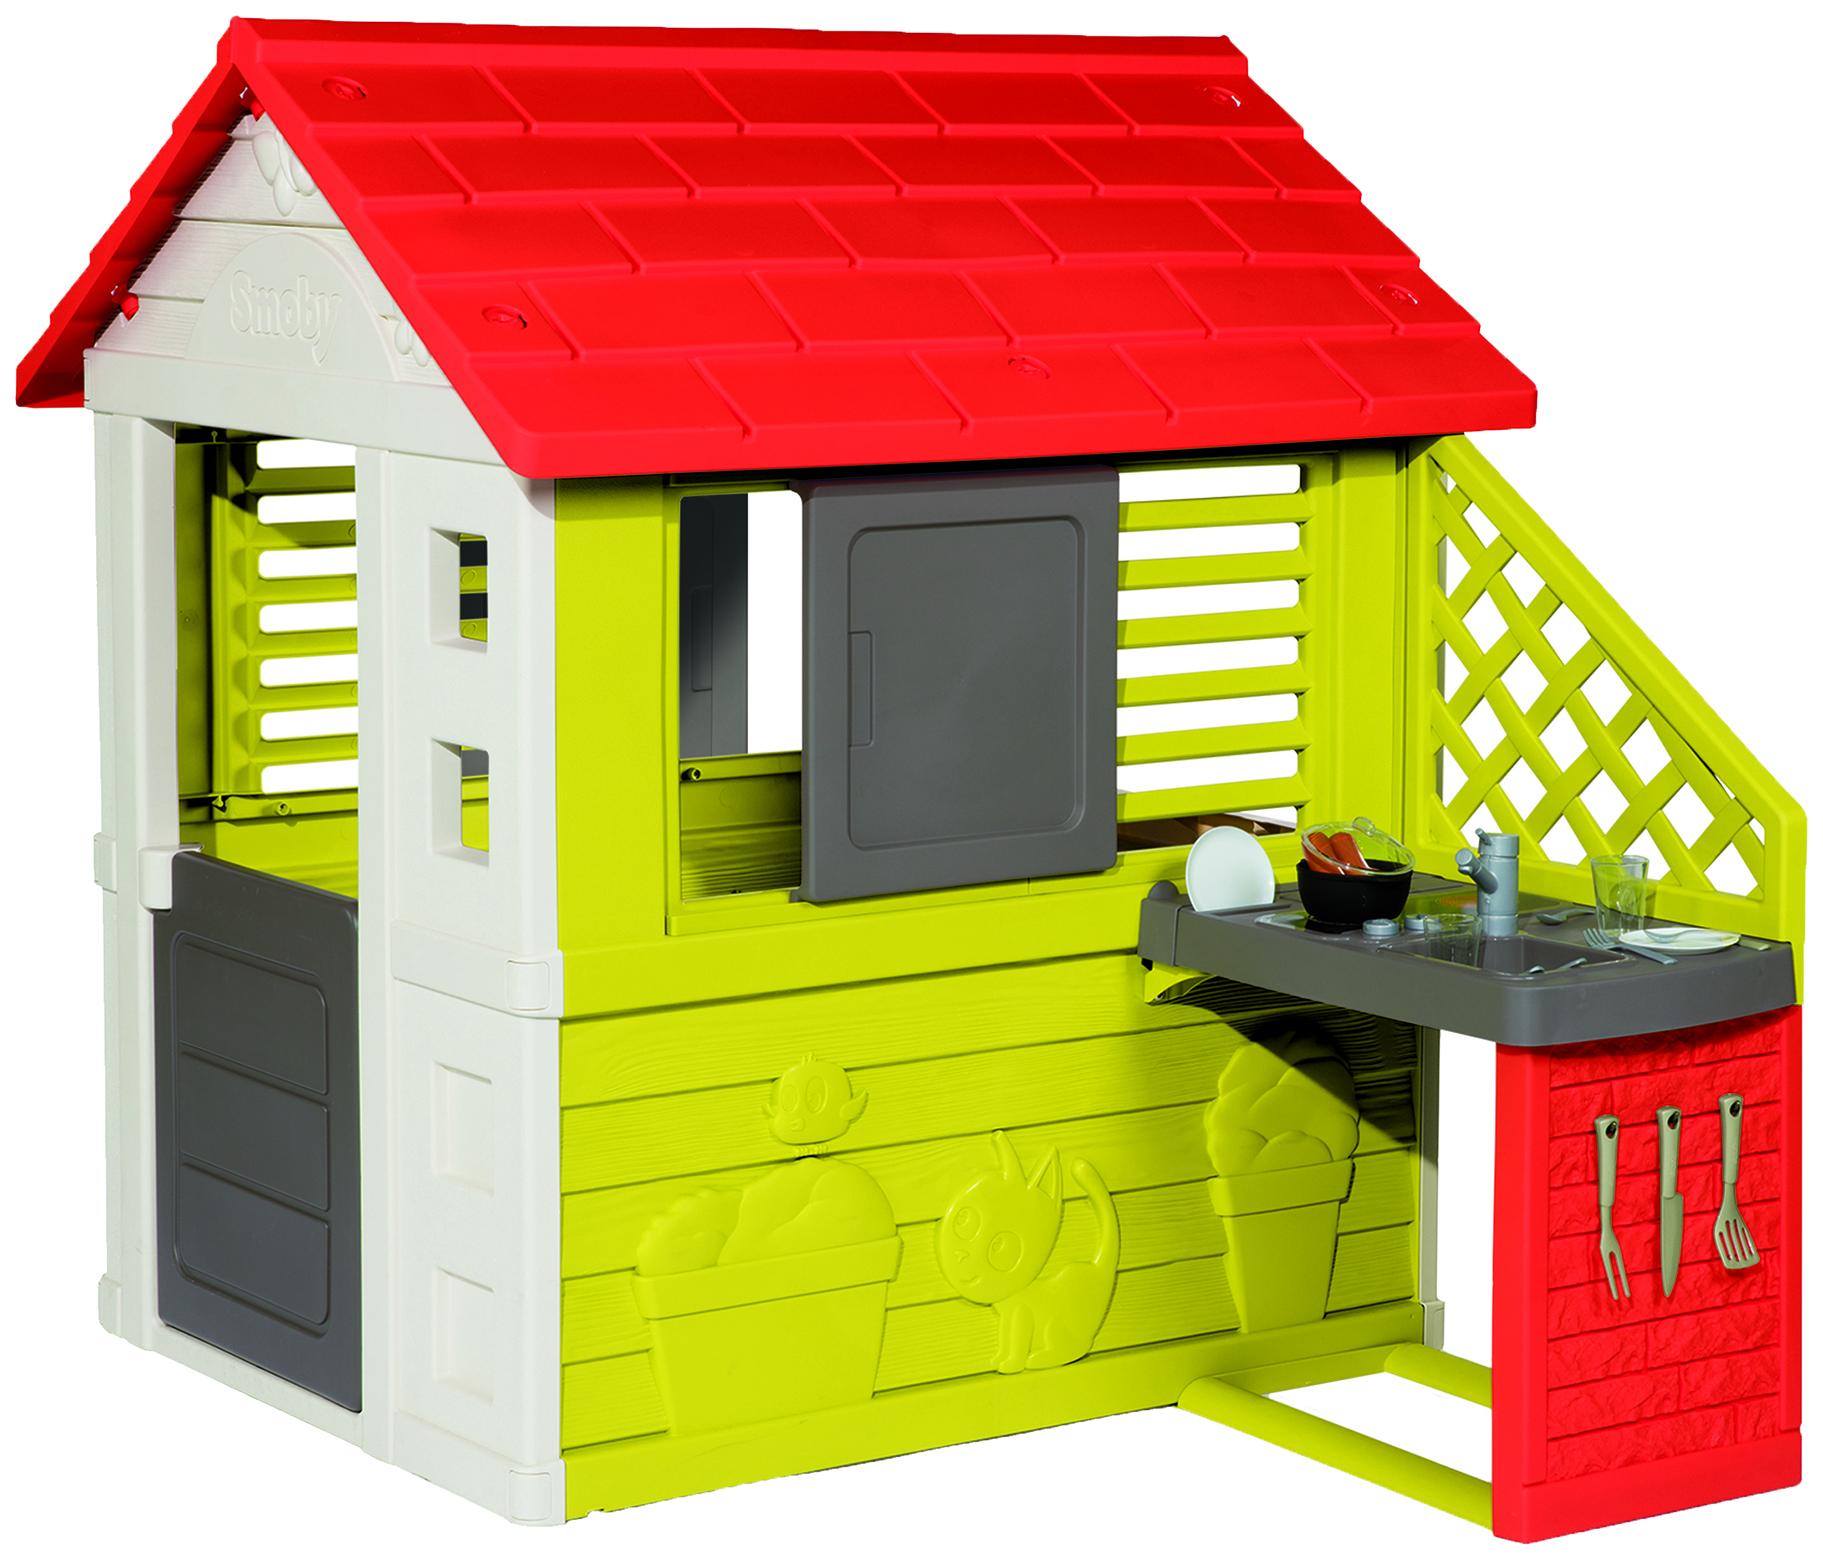 Купить Игровой домик с кухней красный 145*110*127см 1/1, Smoby, Игровые домики